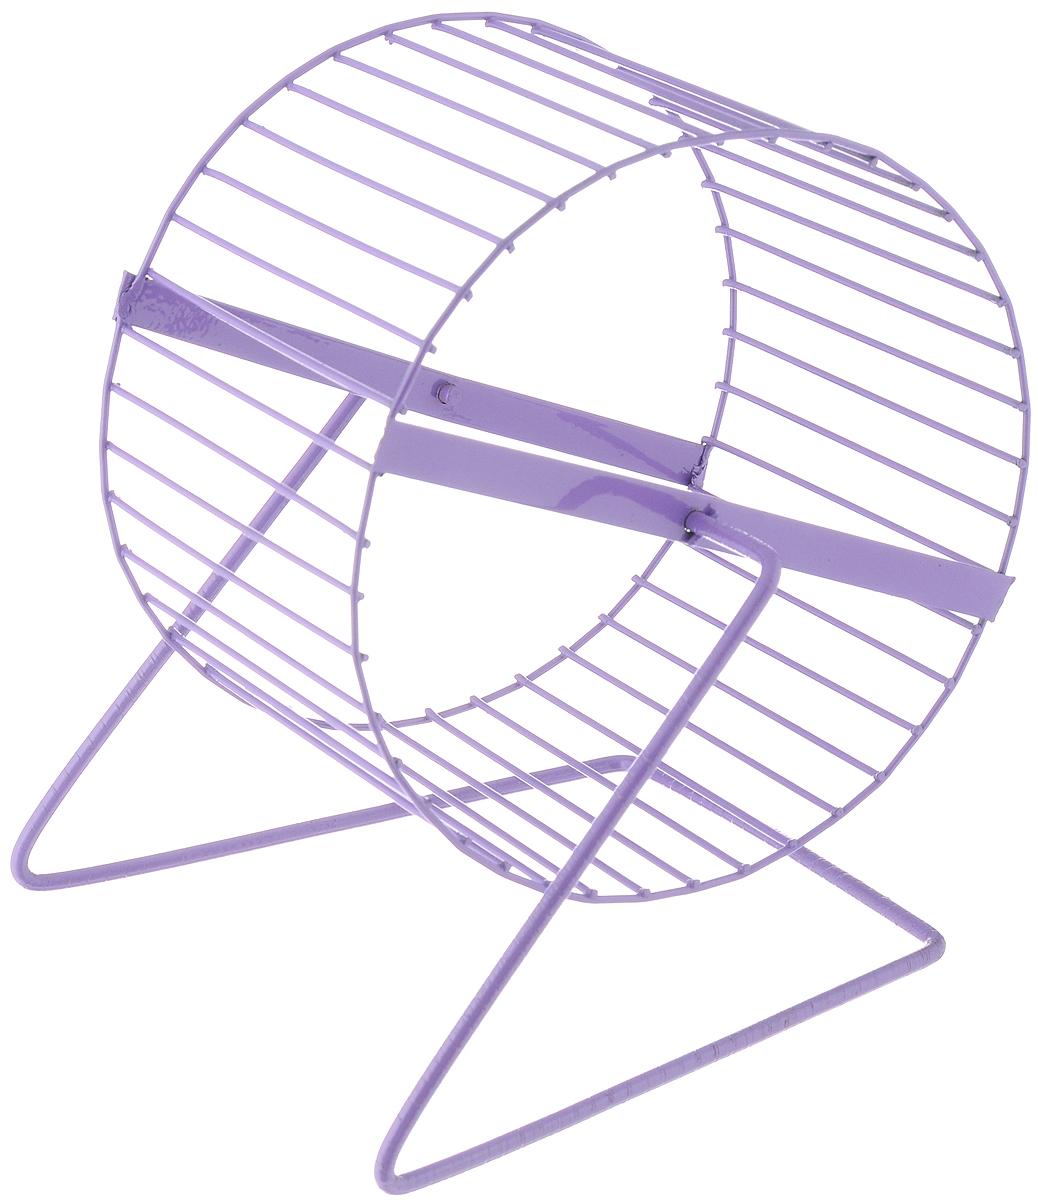 Колесо для грызунов ЗооМарк, цвет: сиреневый, диаметр 16 см0120710Колесо для грызунов ЗооМарк, выполненное изпрочного металла, очень удобное и бесшумное.Поместив его в клетку, вы обеспечите своему питомцунеобходимую физическую активность.Предназначено для хомяков имышей. Диаметр колеса: 16 см.Высота колеса: 18 см.